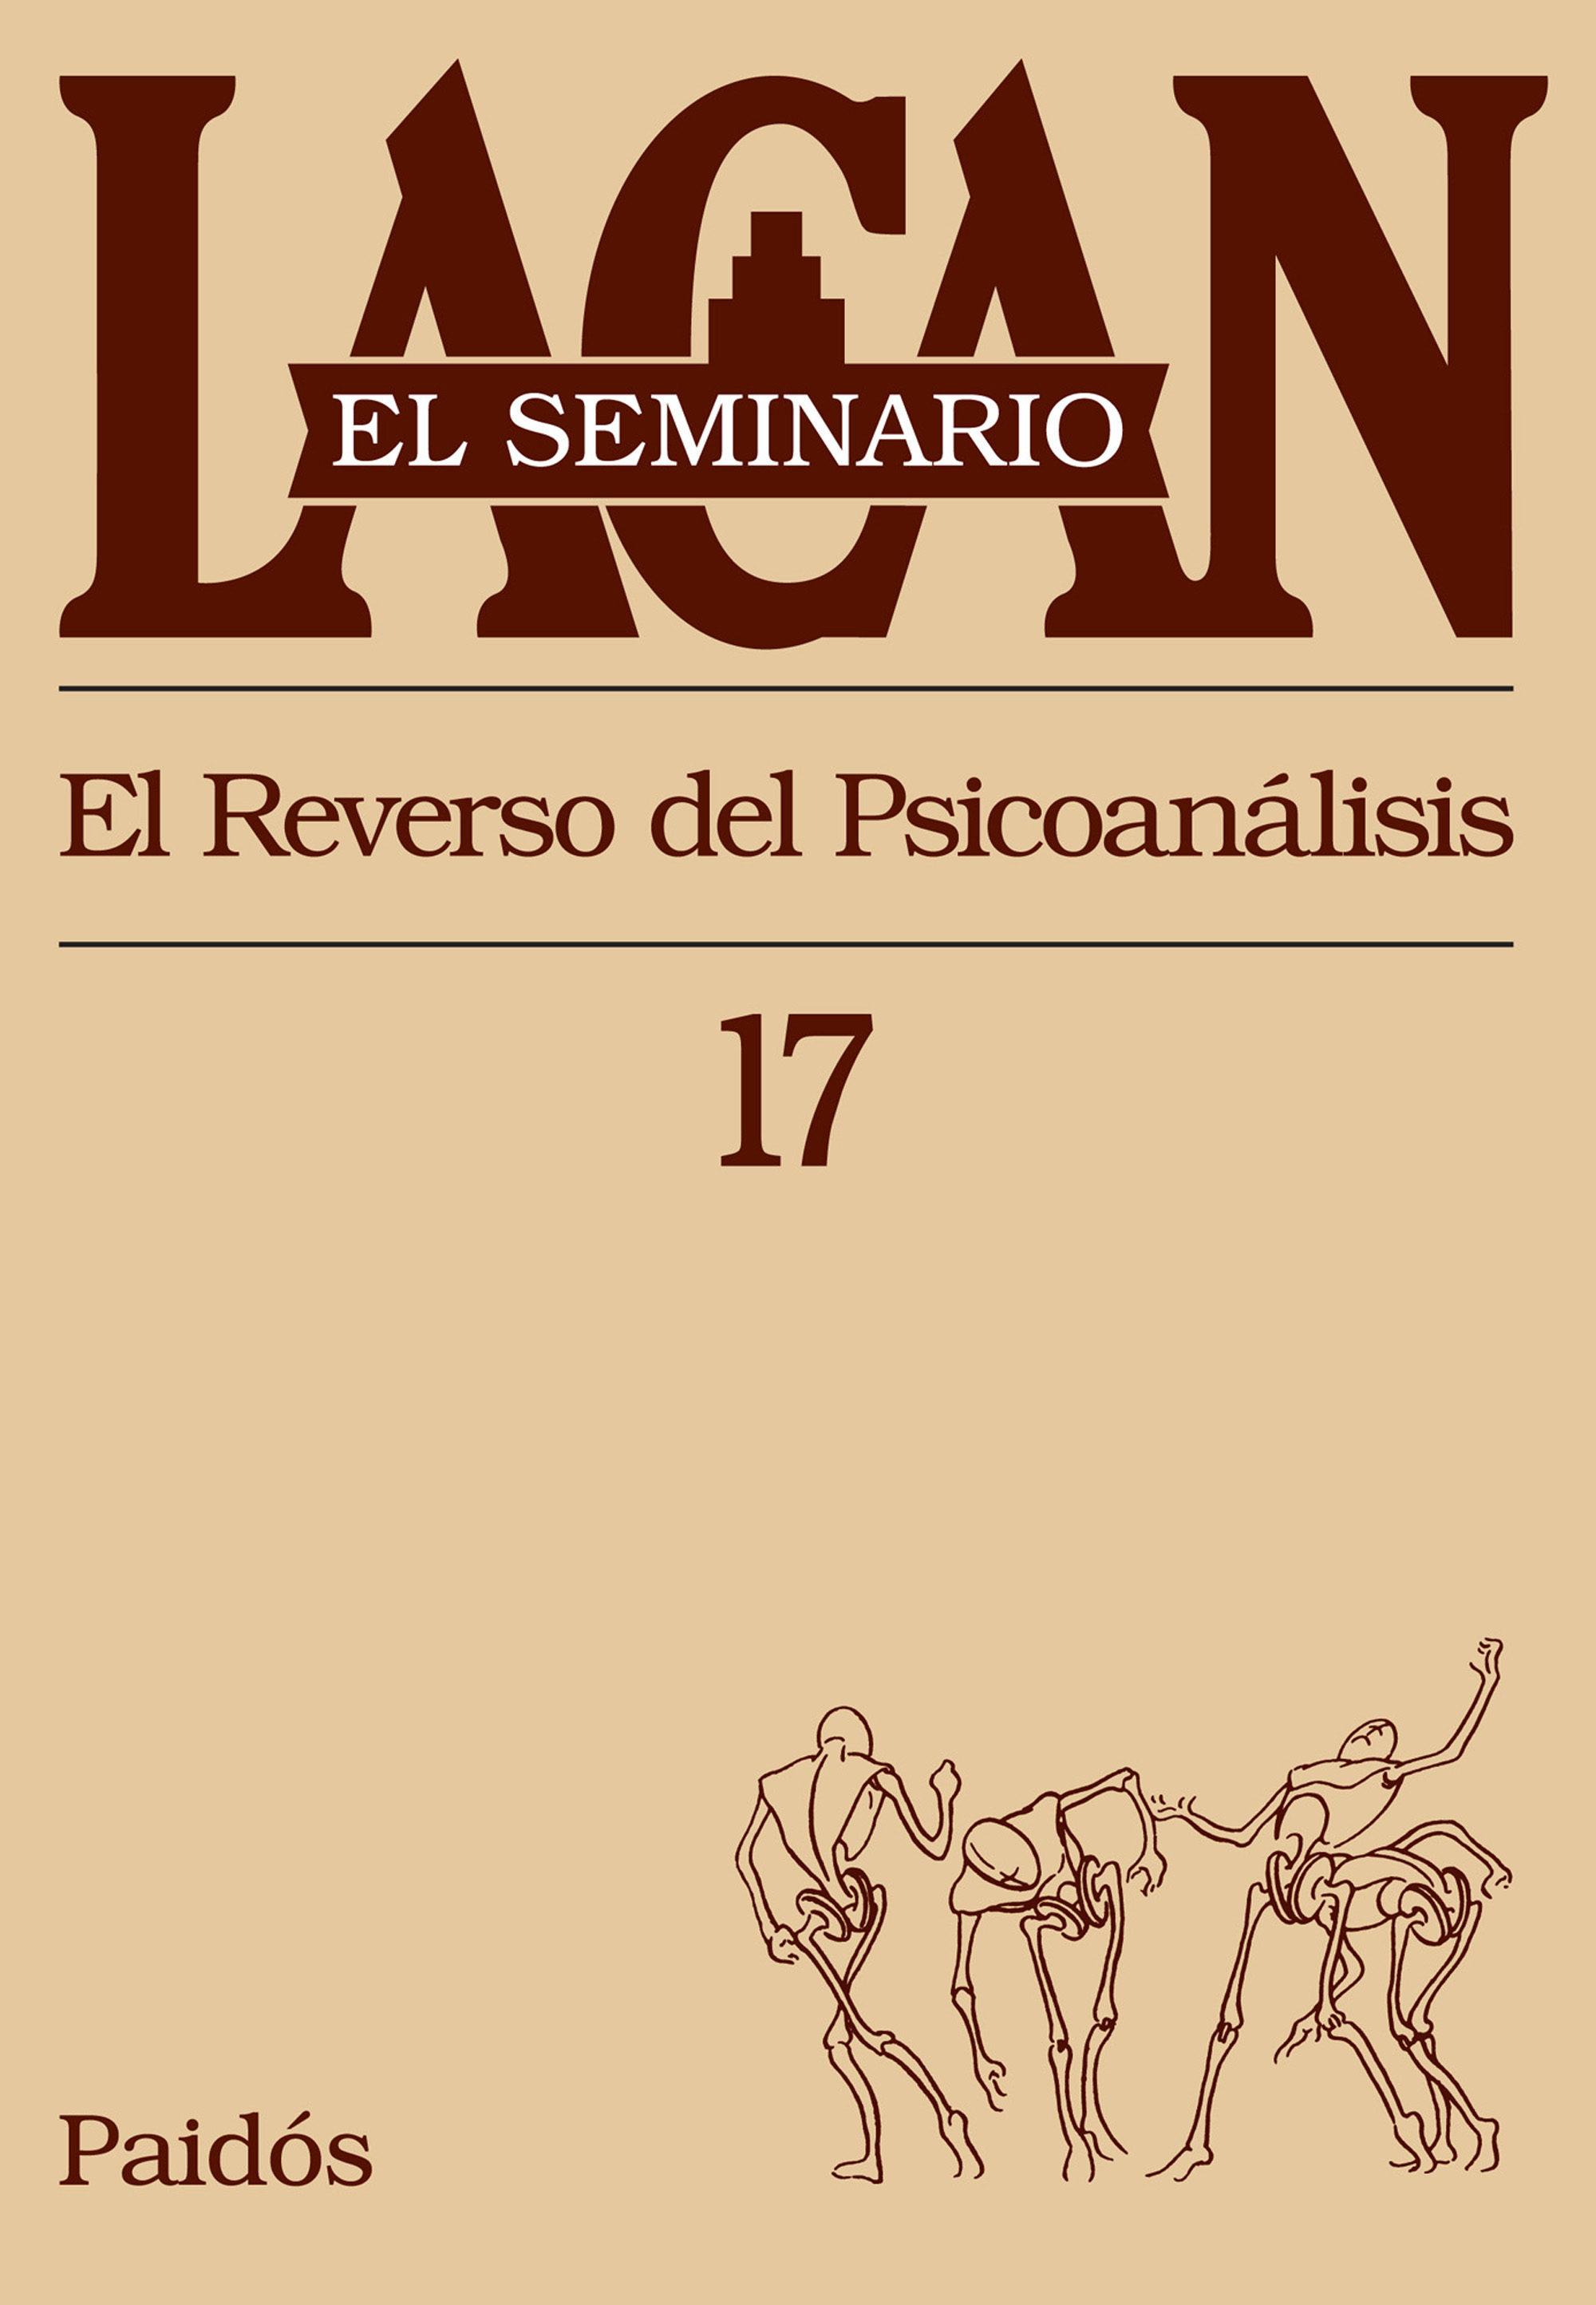 portada El Seminario. Libro 17: El Reverso del Psicoanálisis (el Seminario de Jacques Lacan)